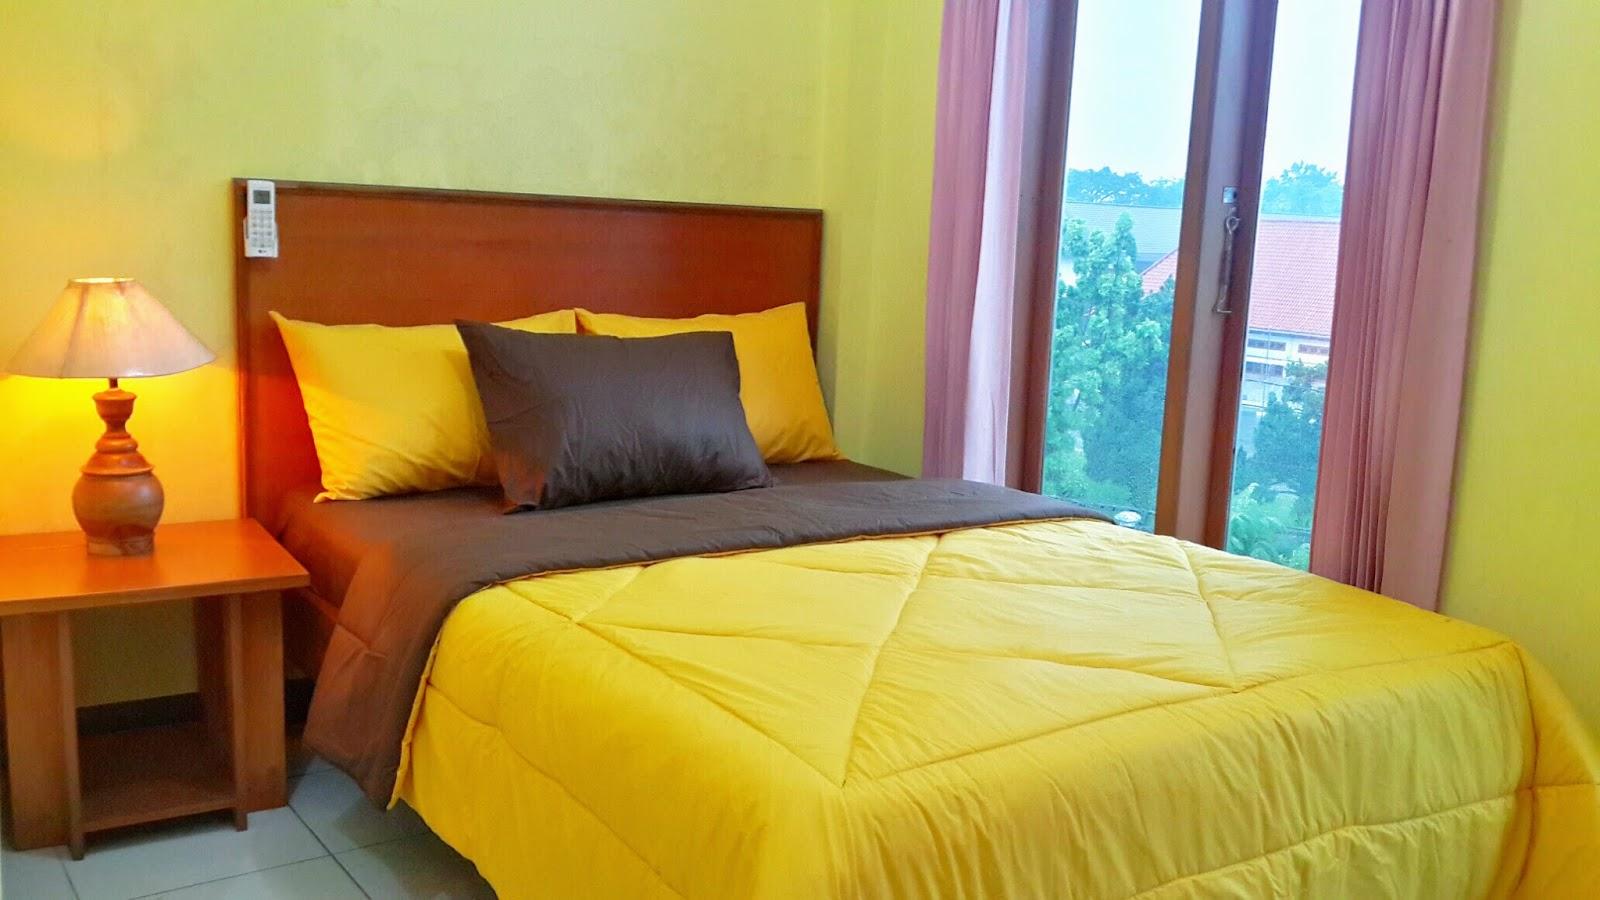 Hotel Murah Pondok Patradisa Di Bandung Menyewakan Type Superior Room AC Dengan Harga Rp150000